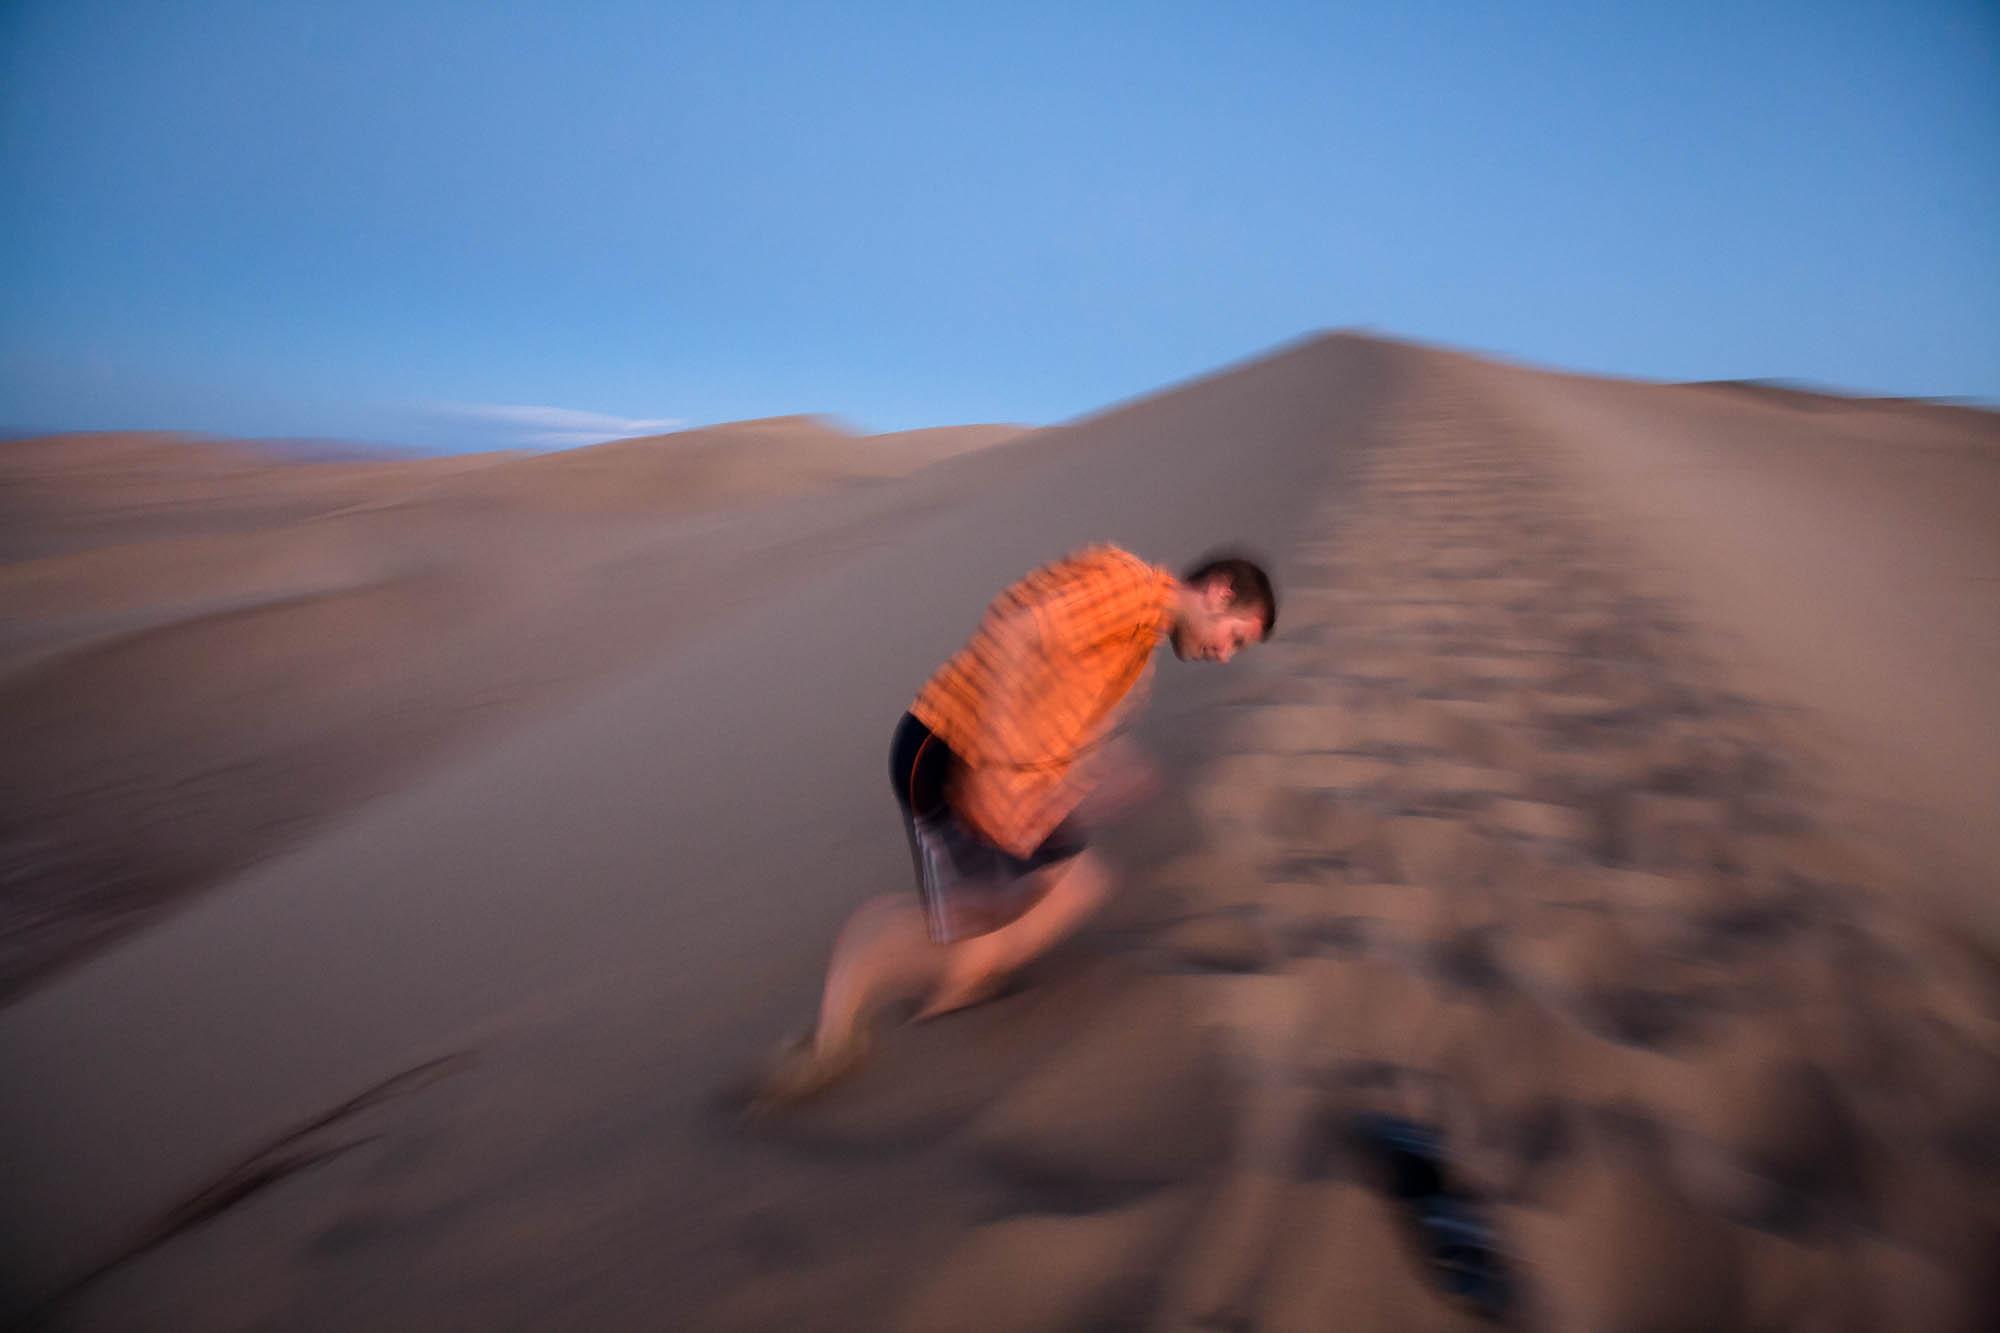 Robo on dune